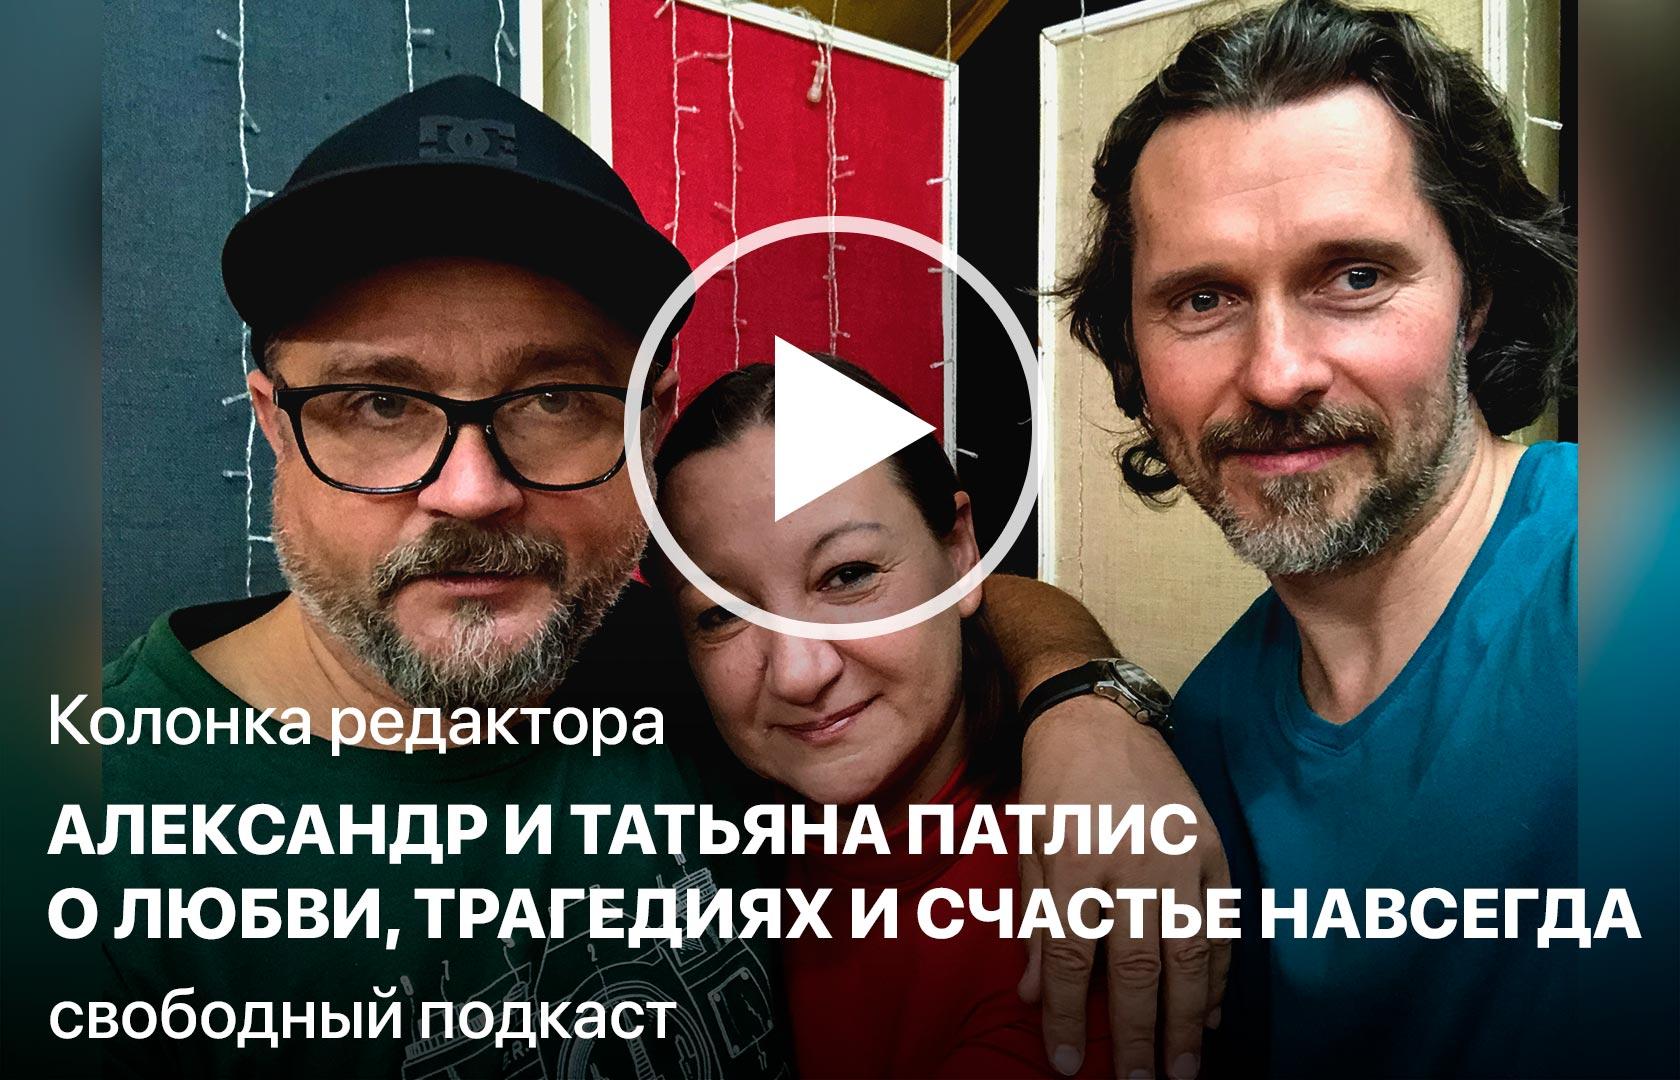 Колонка редактора.  Александр и Татьяна Патлис — о любви, трагедиях и счастье навсегда